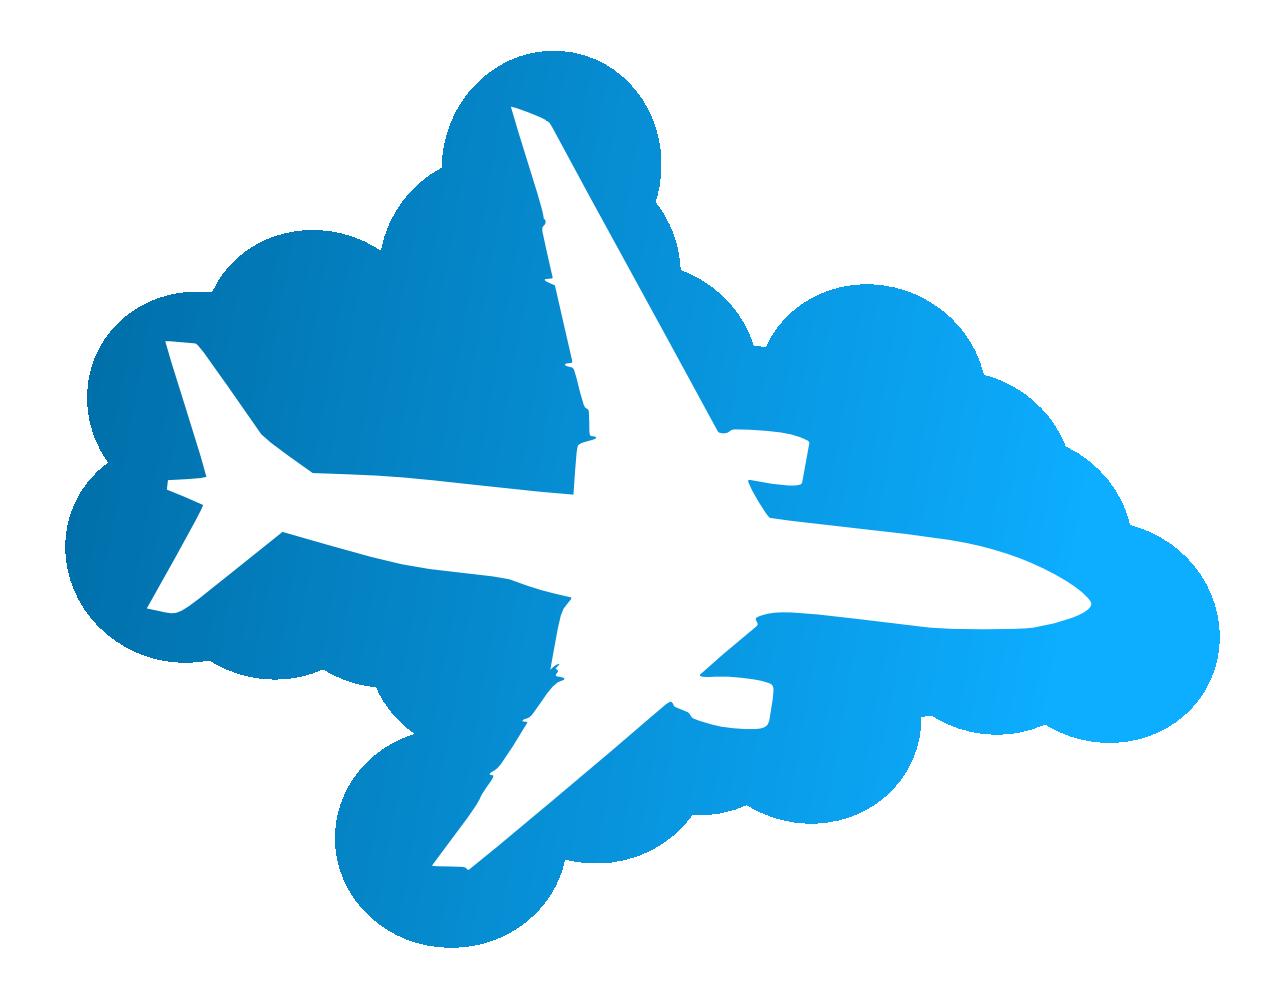 Klipart (obrázek) má název letadlo. stahujte klipart letadlo